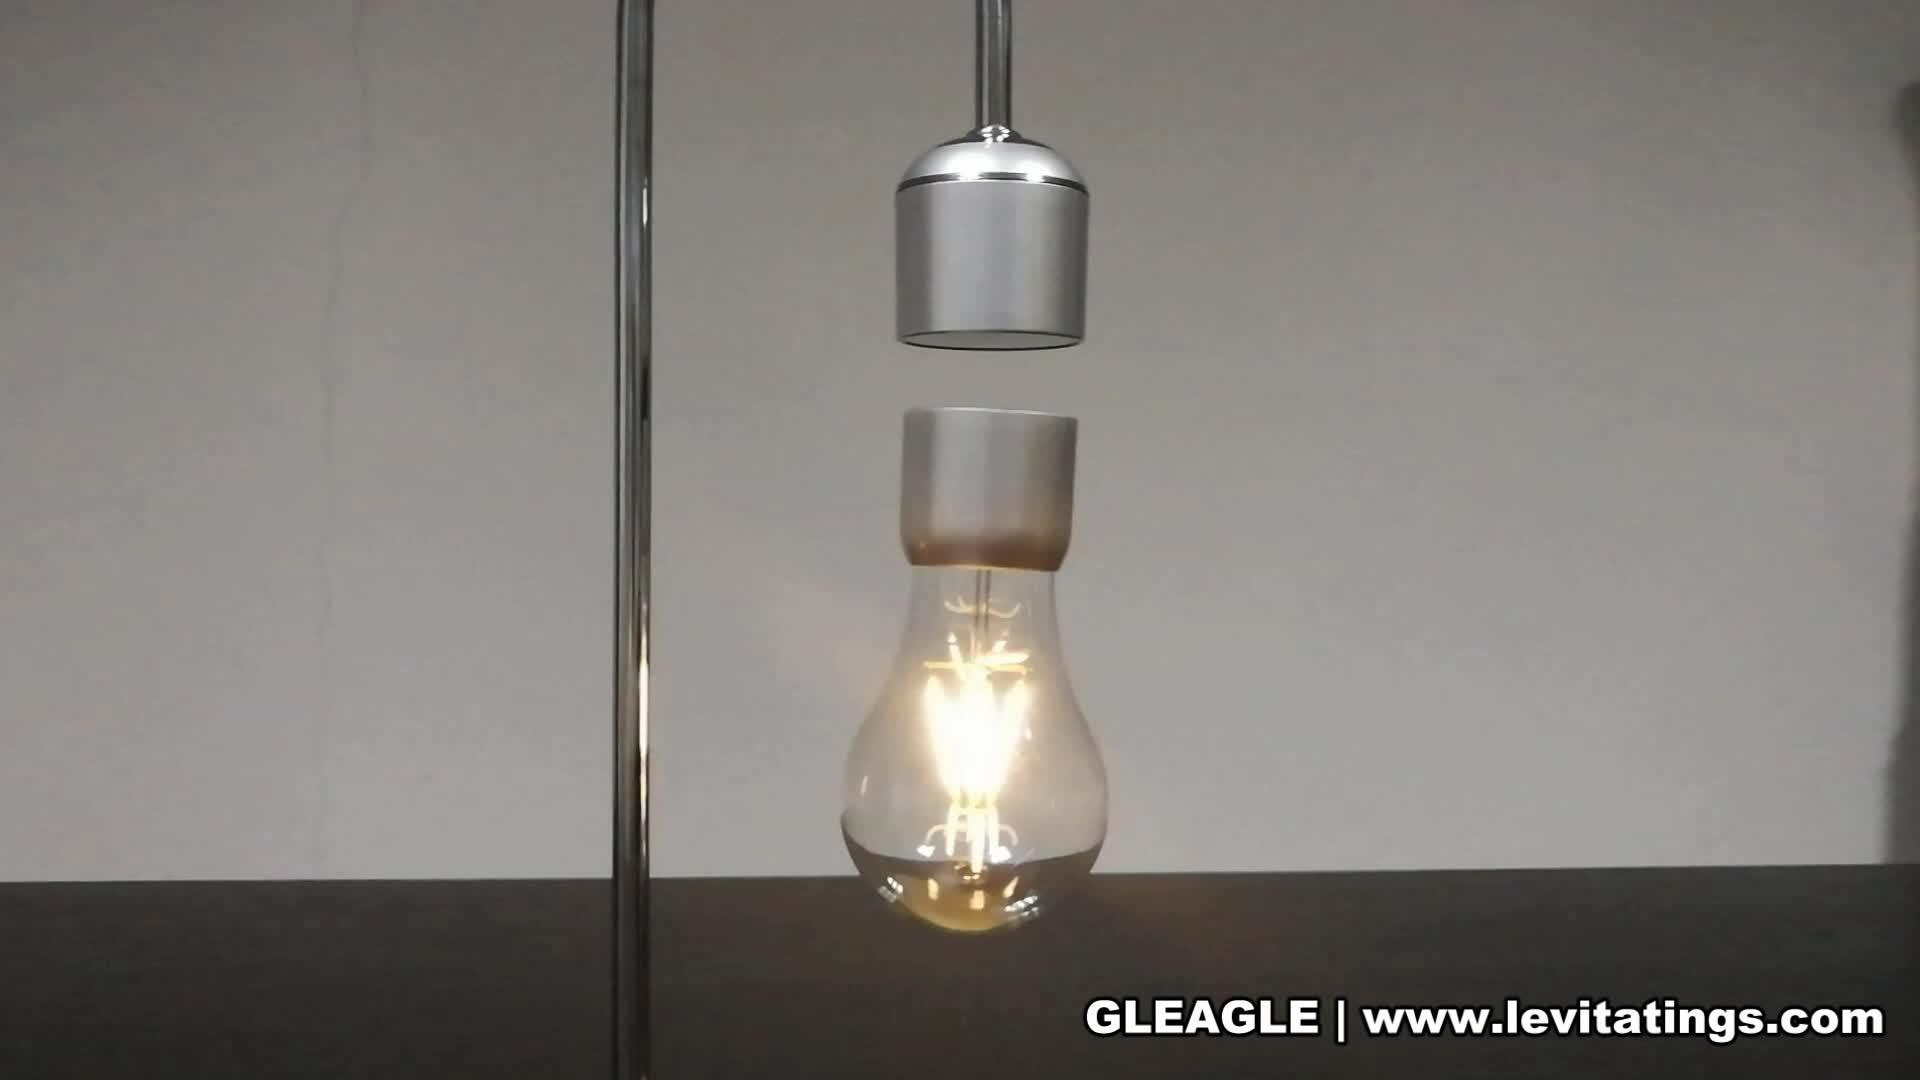 Levitating Lamba mucit Resmi Tek Üretici Patentli manyetik levitasyon lambası Levitating ışık